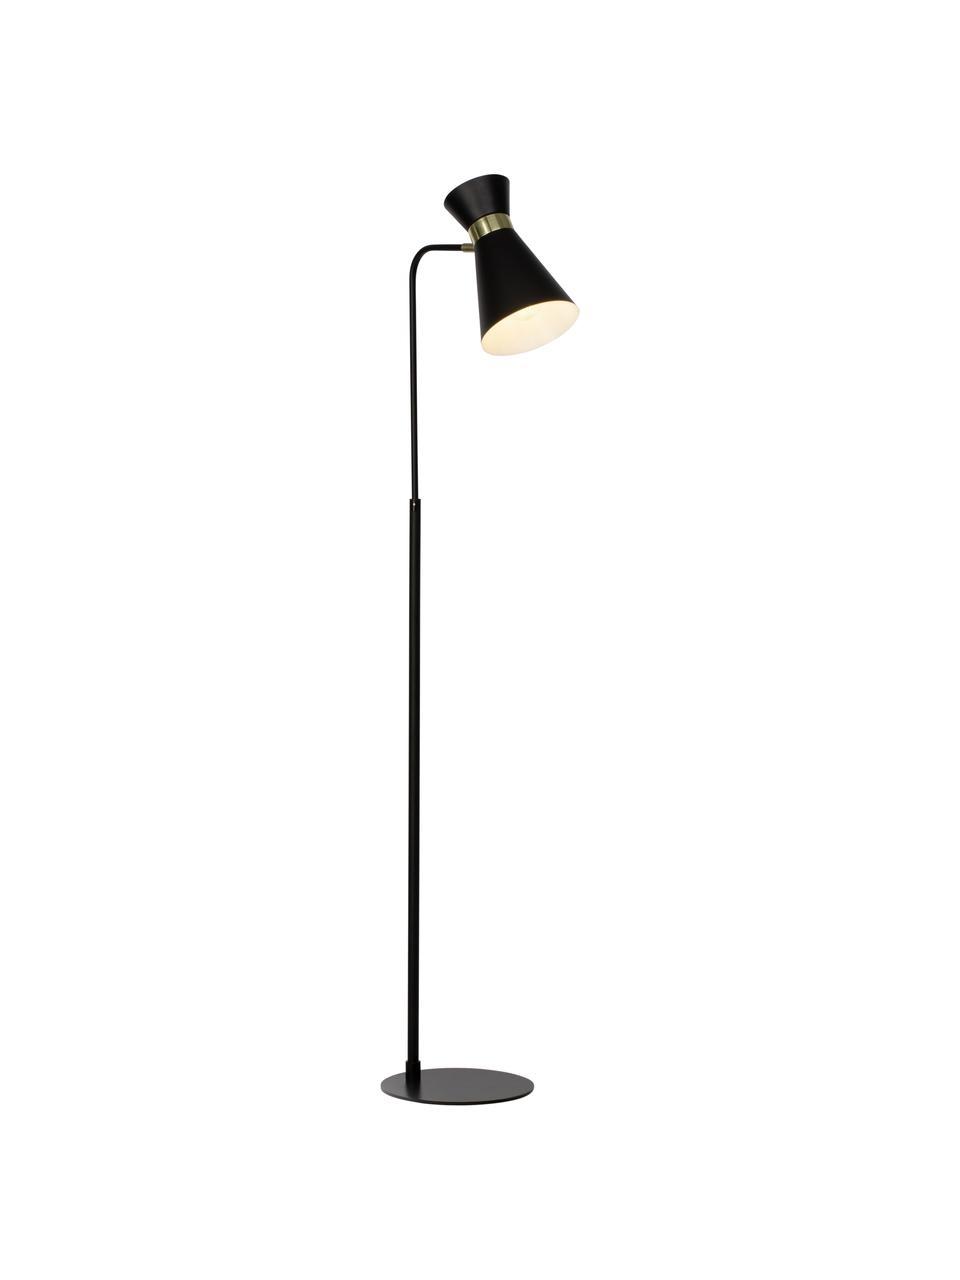 Petite liseuse en métal noir Grazia, Pied de lampe et abat-jour : noir Attache : couleur dorée, mat